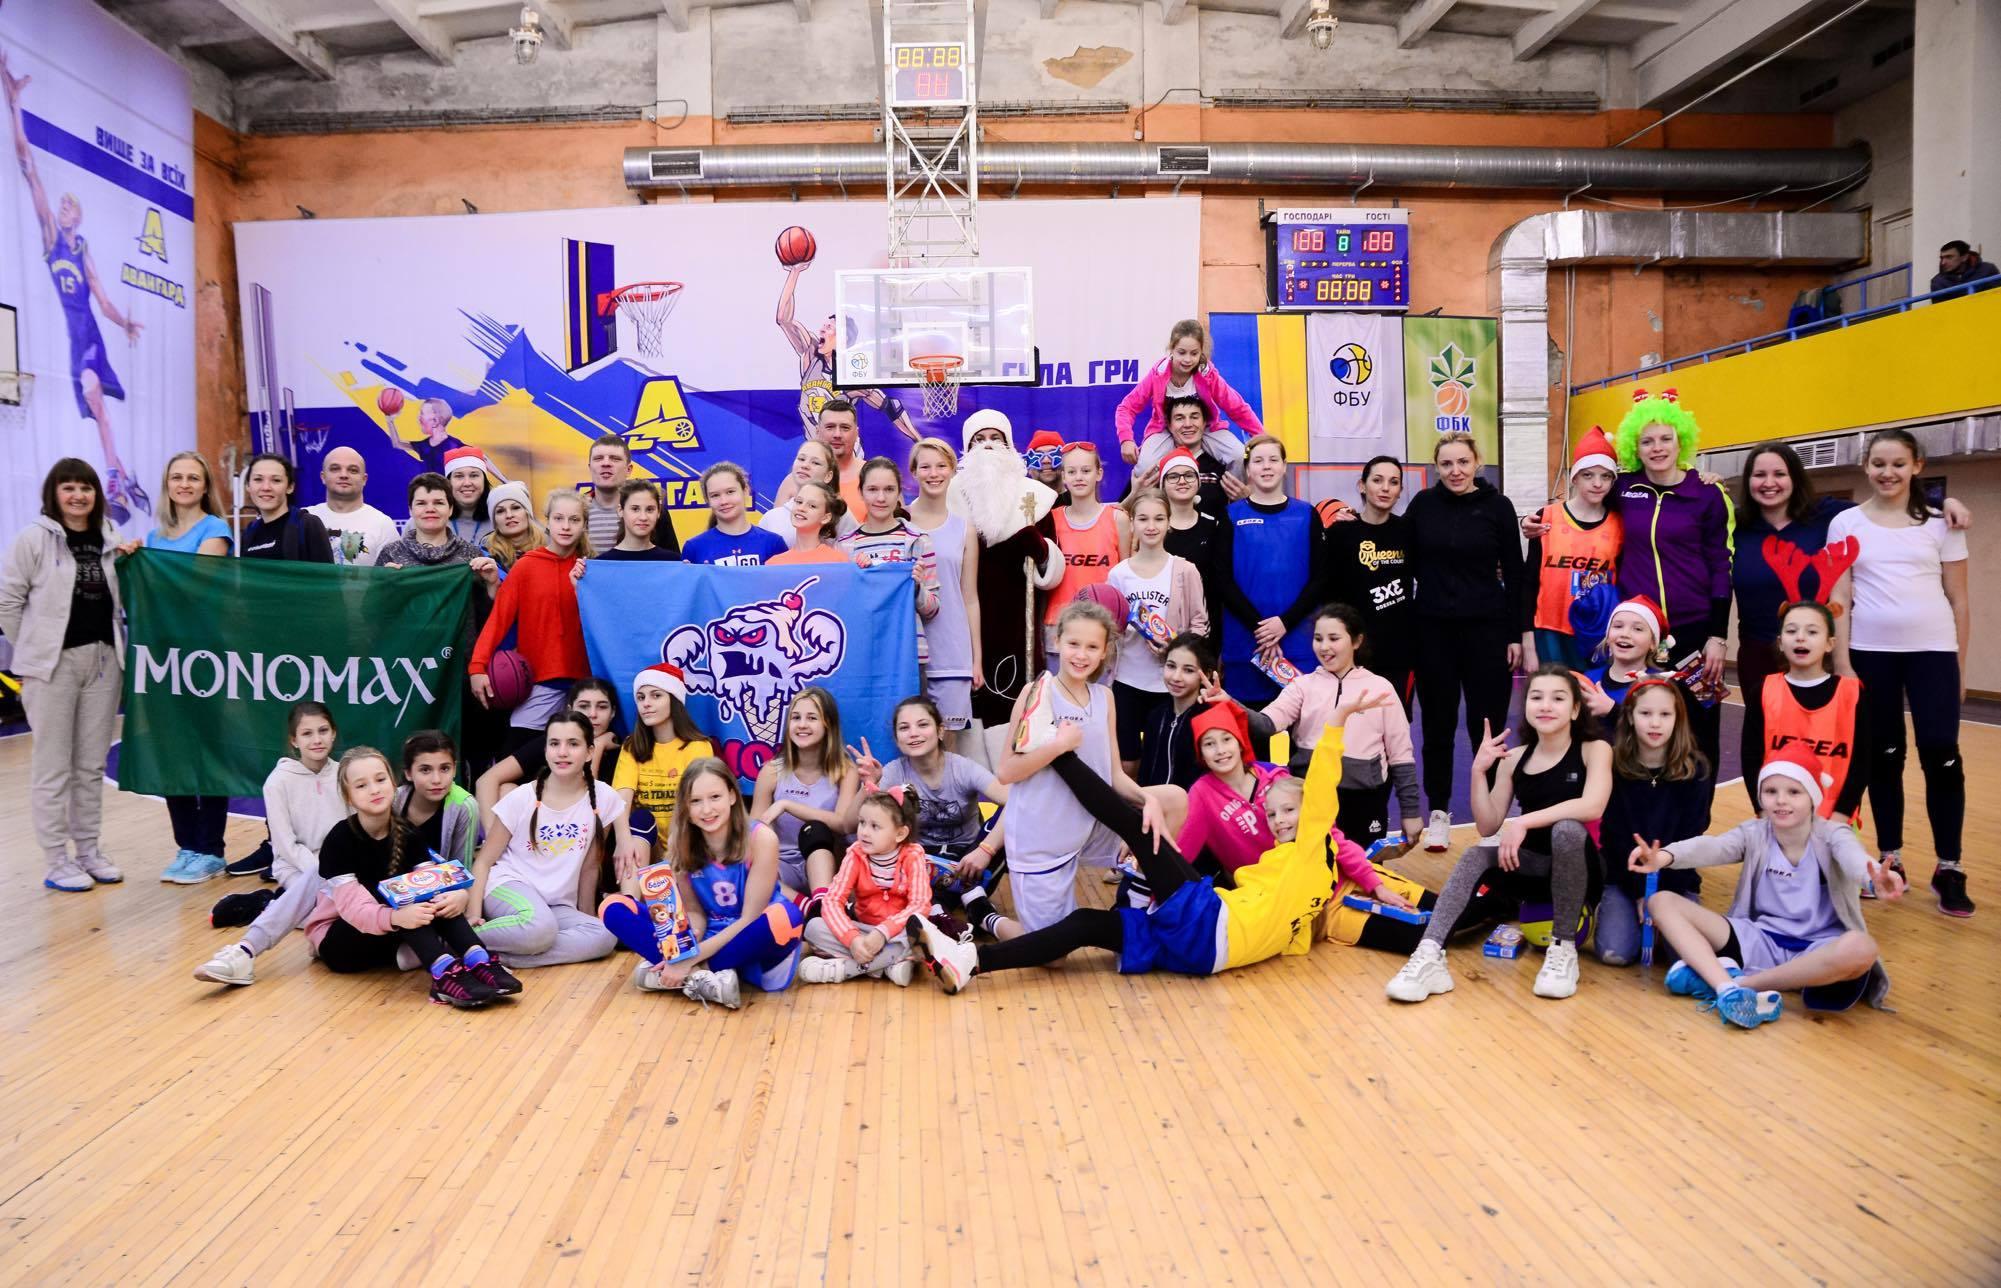 Київська CДЮСШОР і БК «МОБІ» об'єднали зусилля